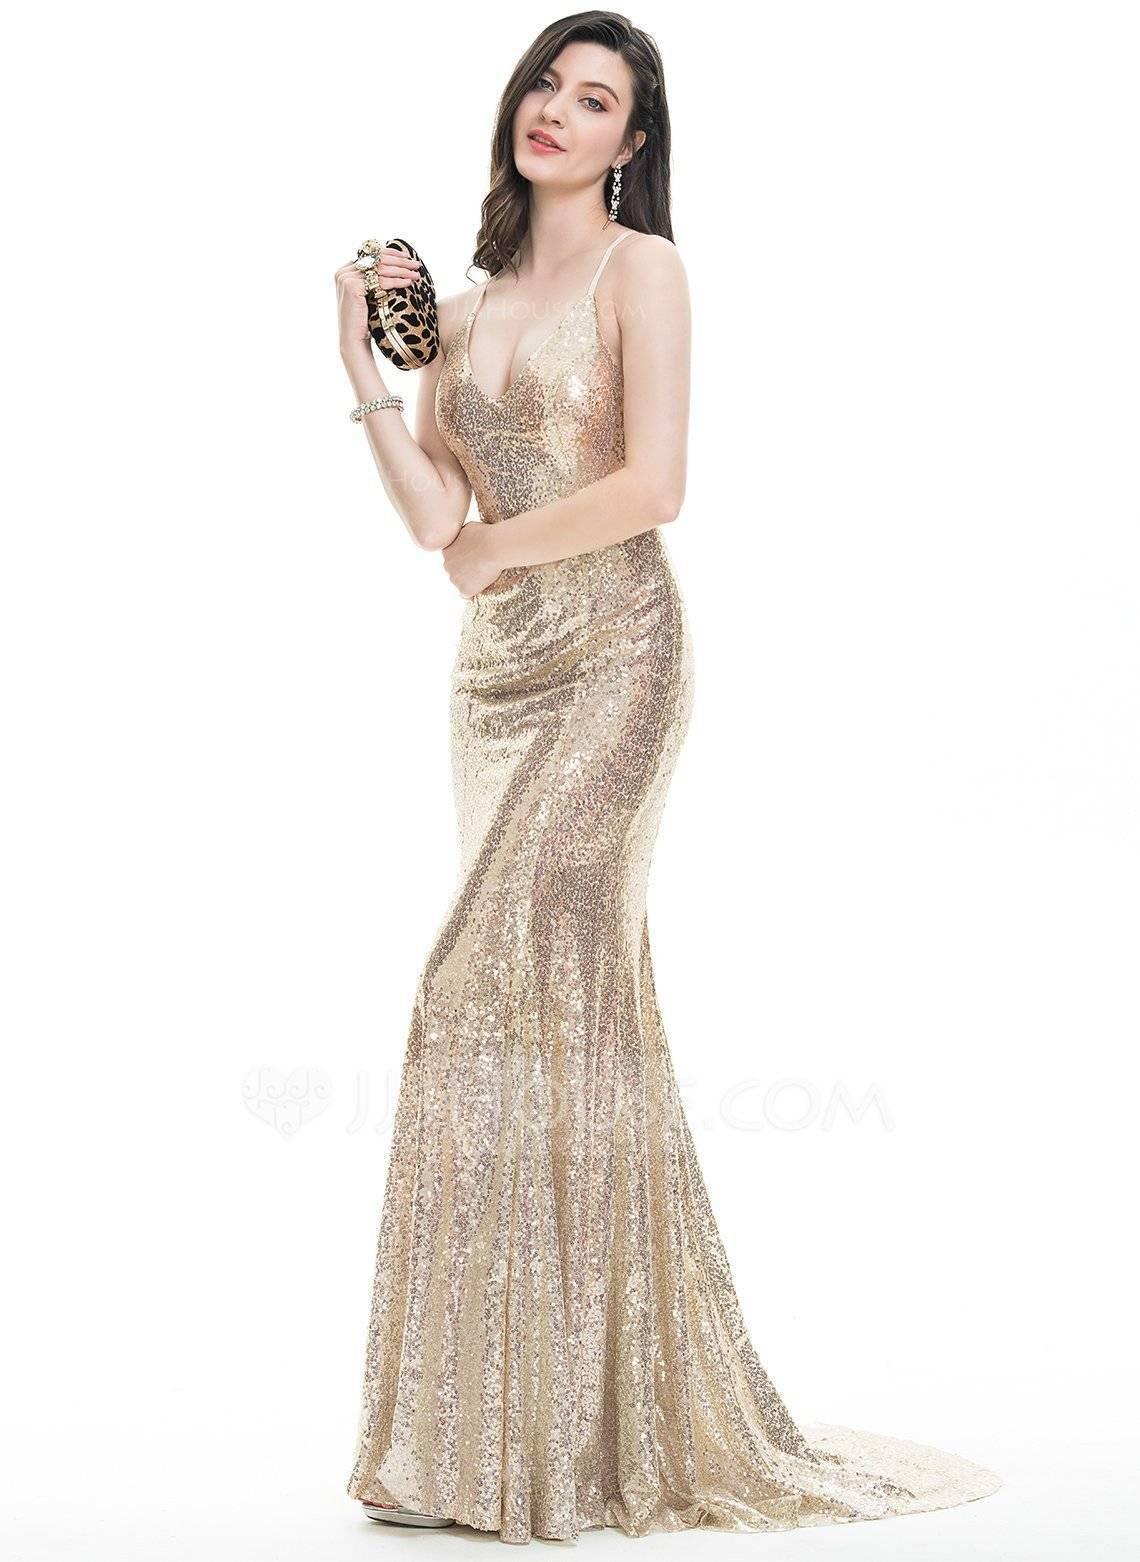 Платье со шлейфом 2020 (104 фото): короткое спереди, короткое, красное, черное, как носить, со съемным шлейфом